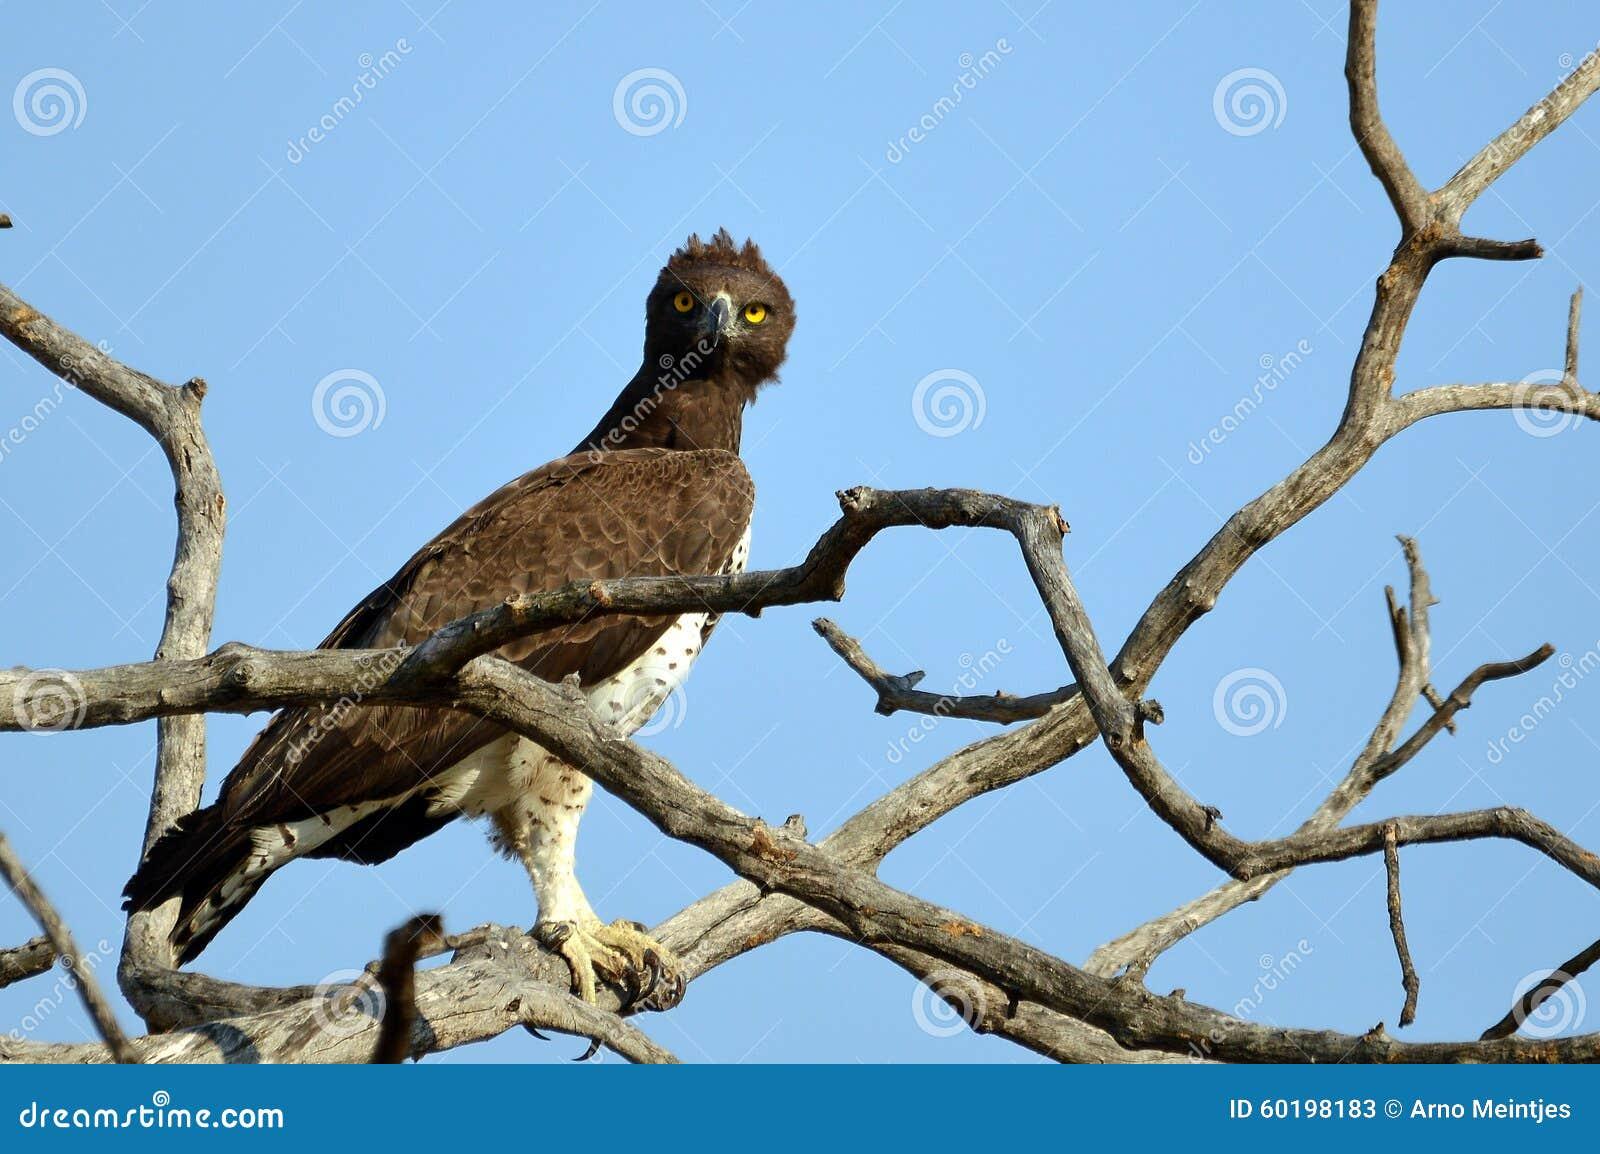 Polemaetus bellicosus (Martial eagle)